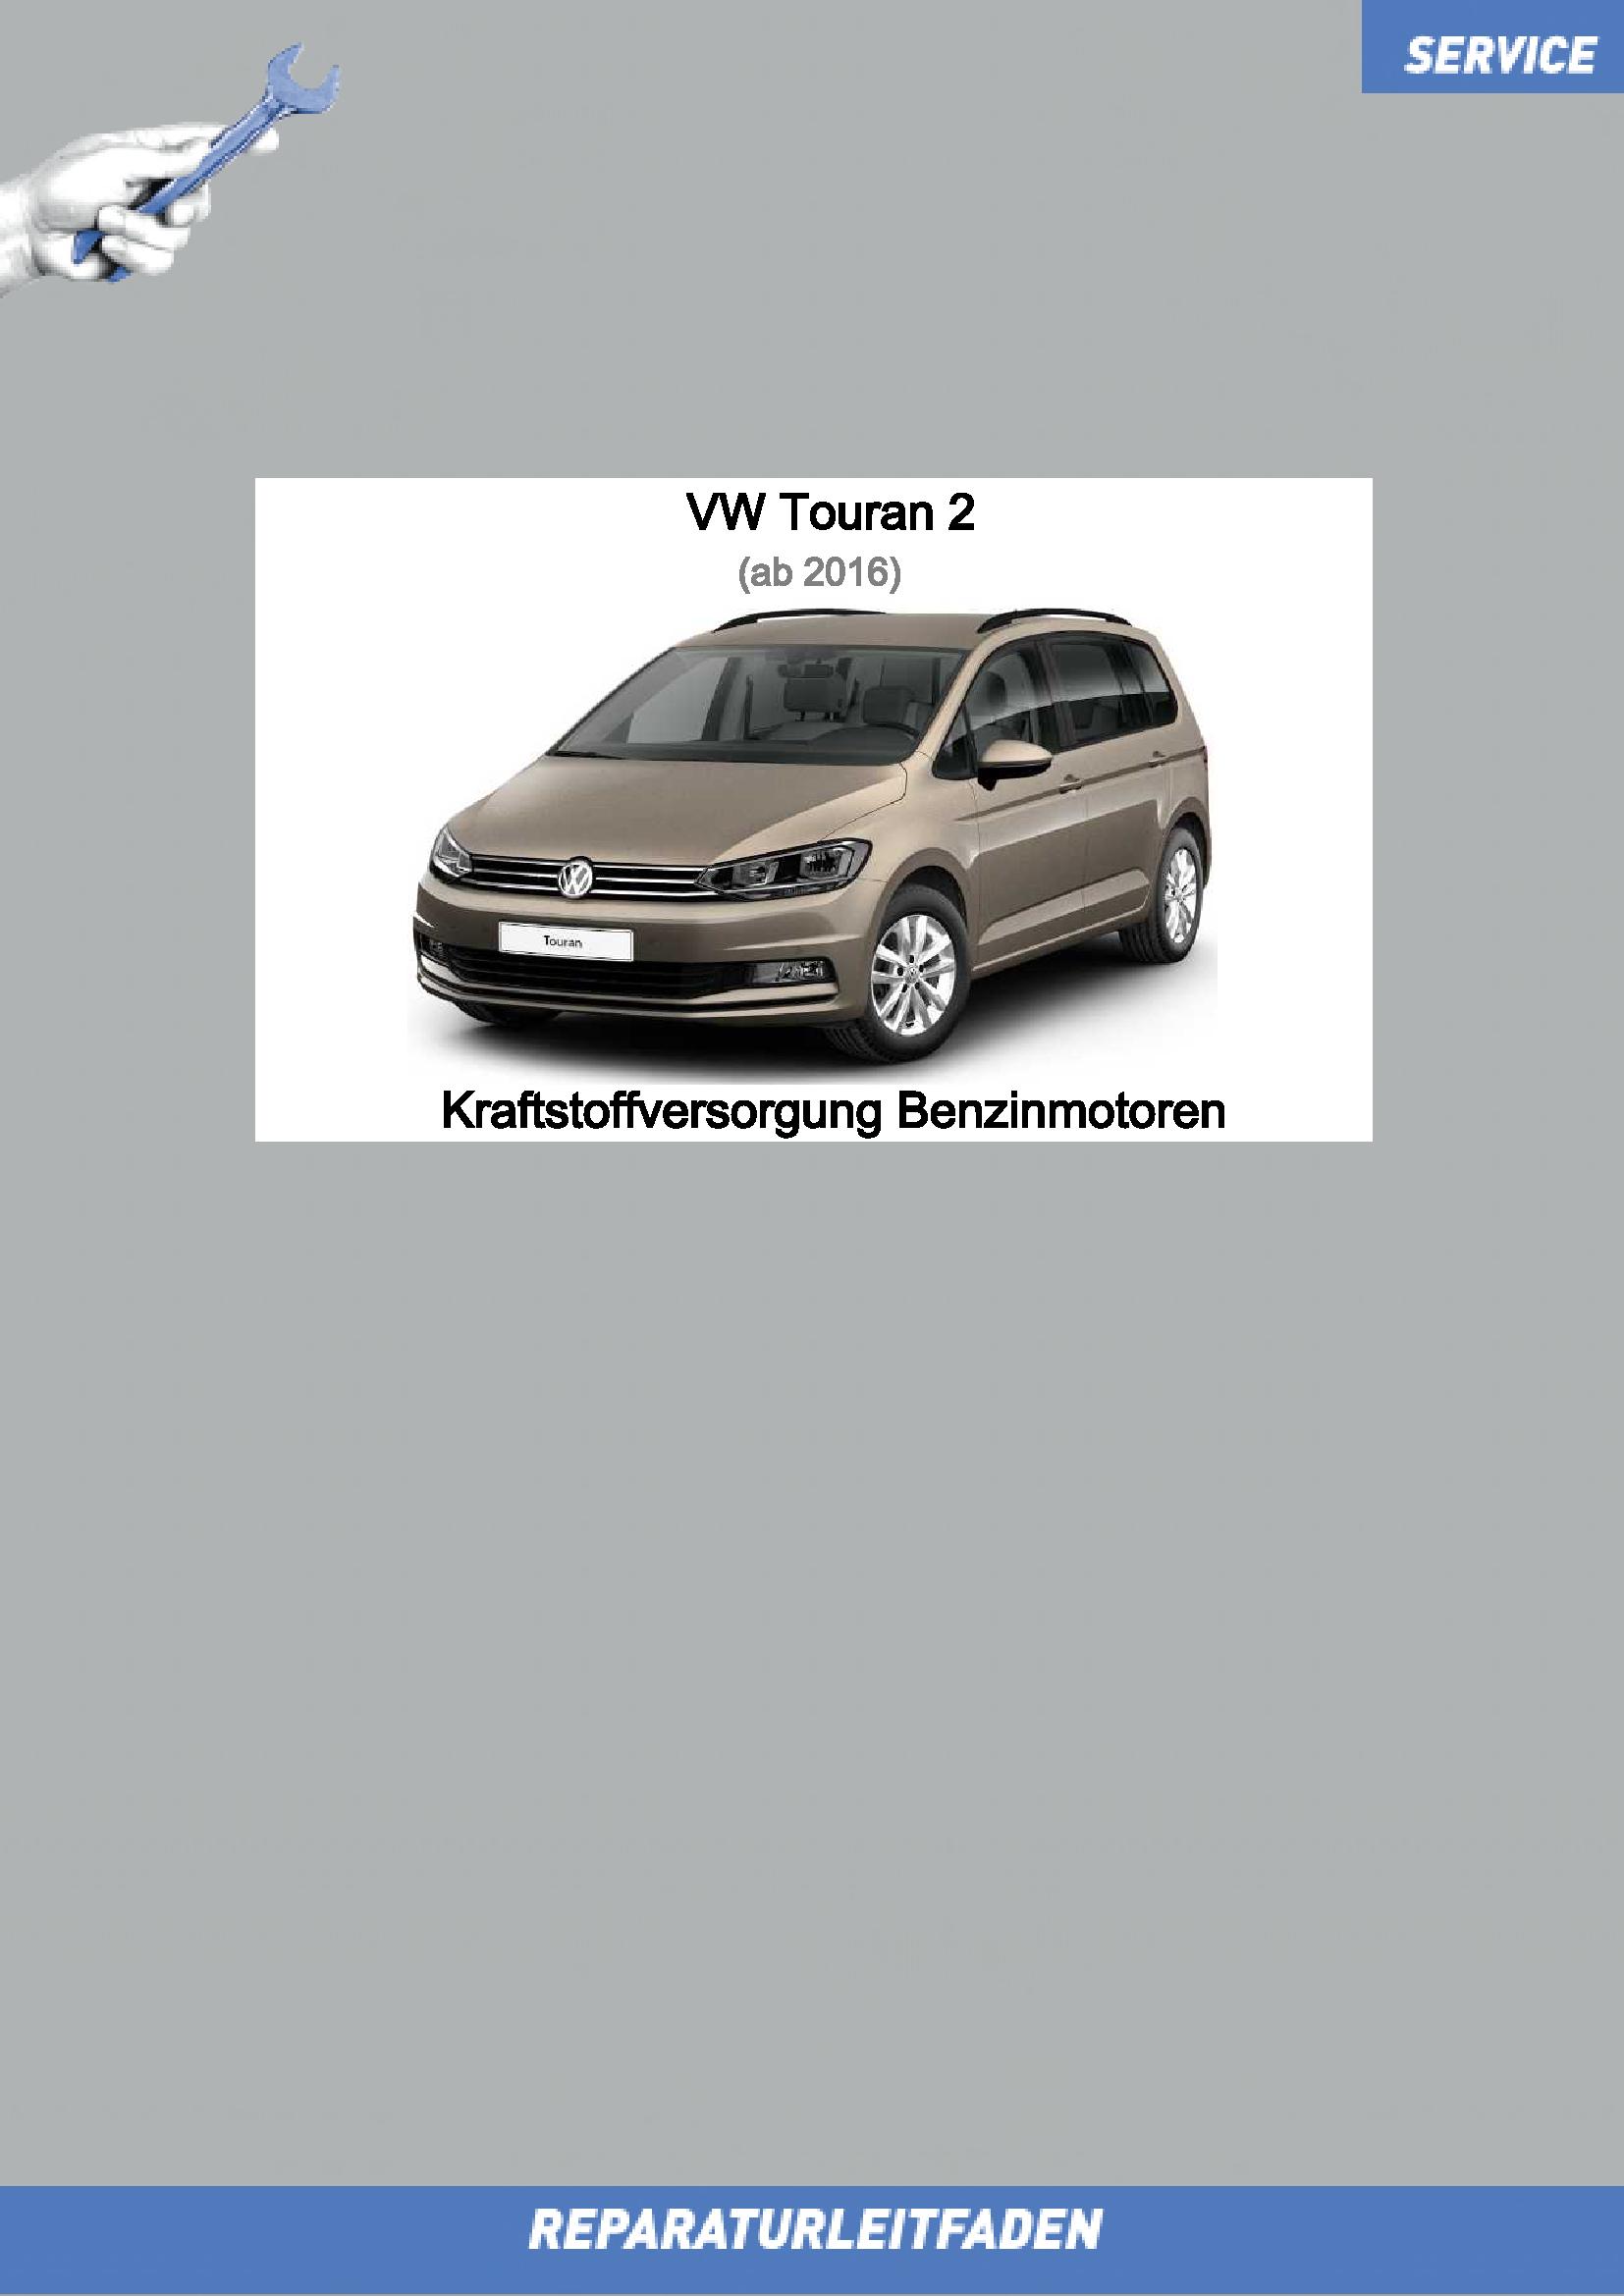 vw-touran-5t1-0010-kraftstoffversorgung_benzinmotoren_1.png